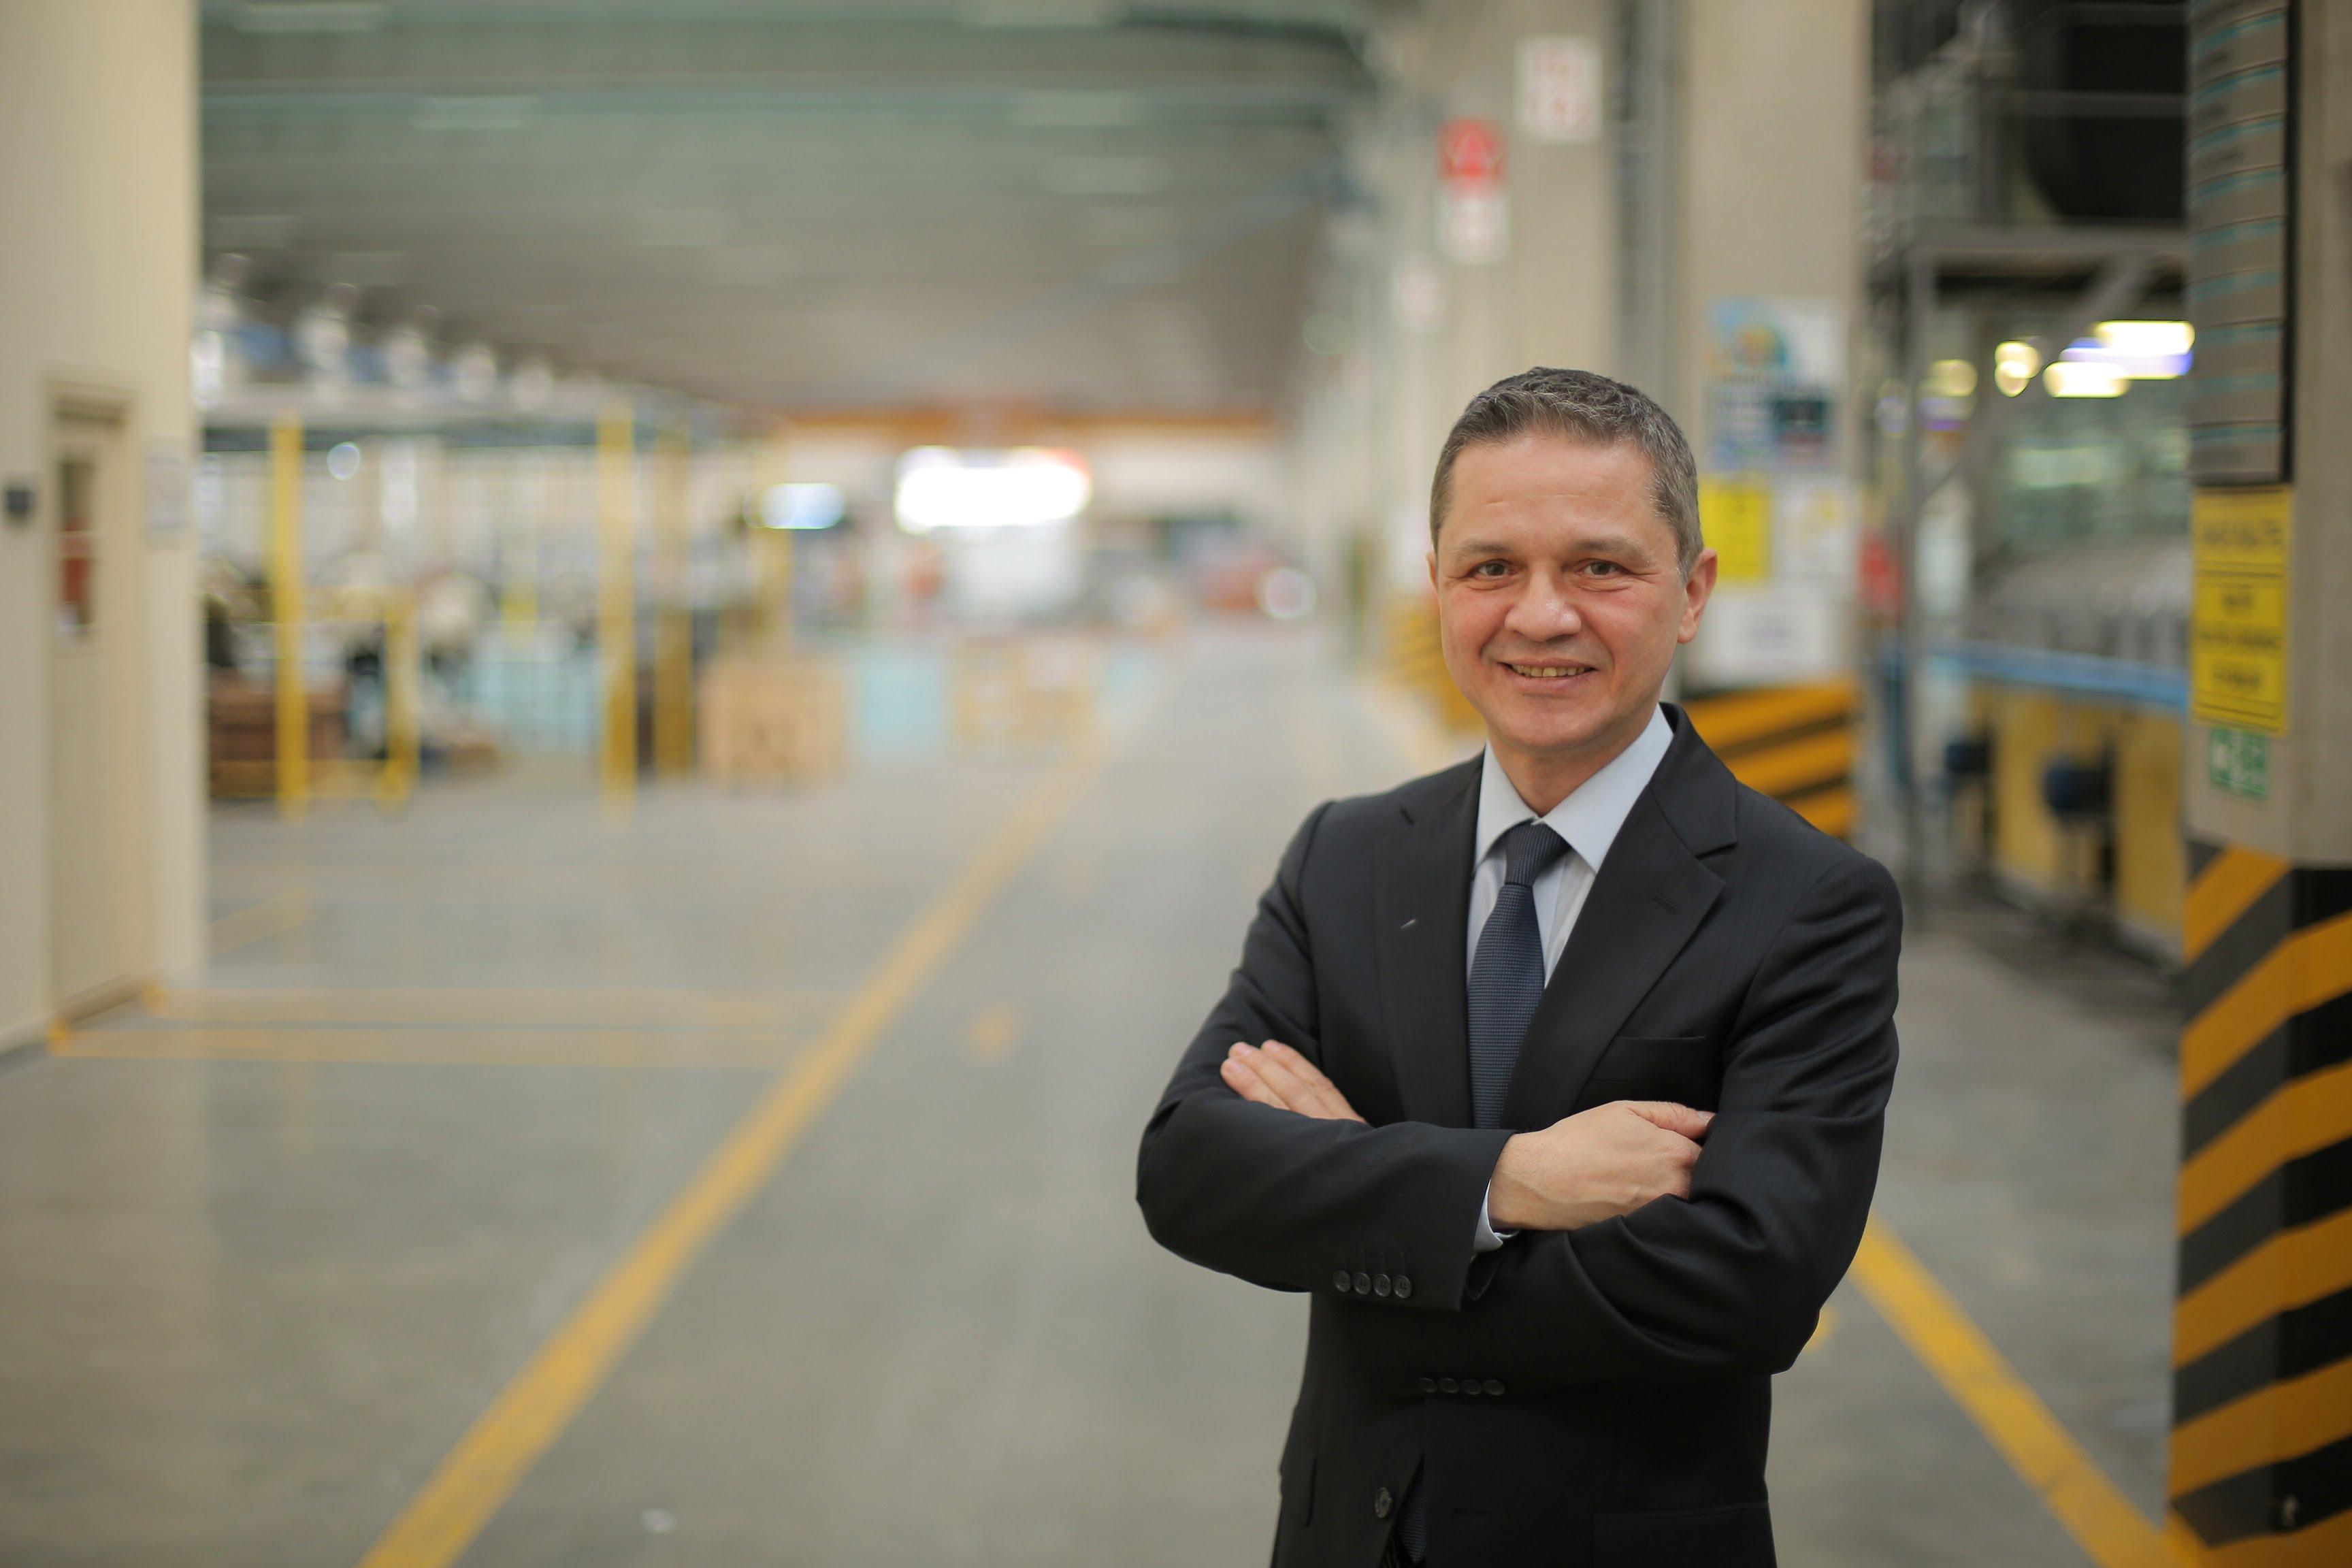 Yorglass Bilgi Teknolojileri Direktörü ''100 Fark Yaratan Lider'' arasına girdi.